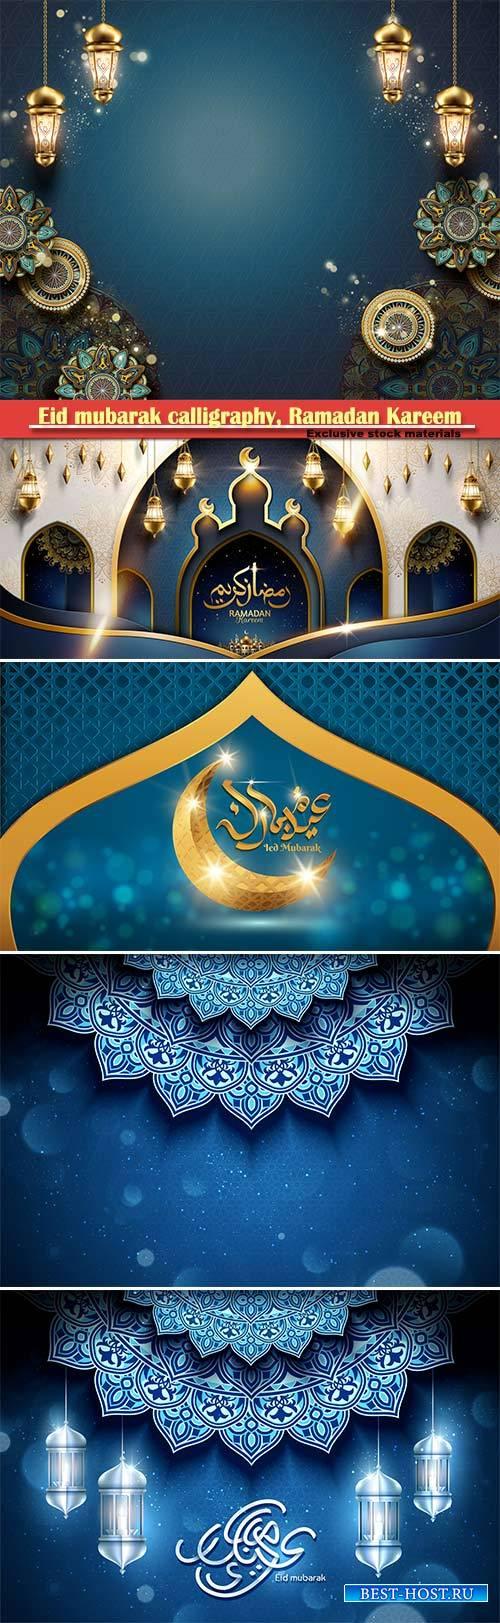 Eid mubarak calligraphy, Ramadan Kareem vector card # 4